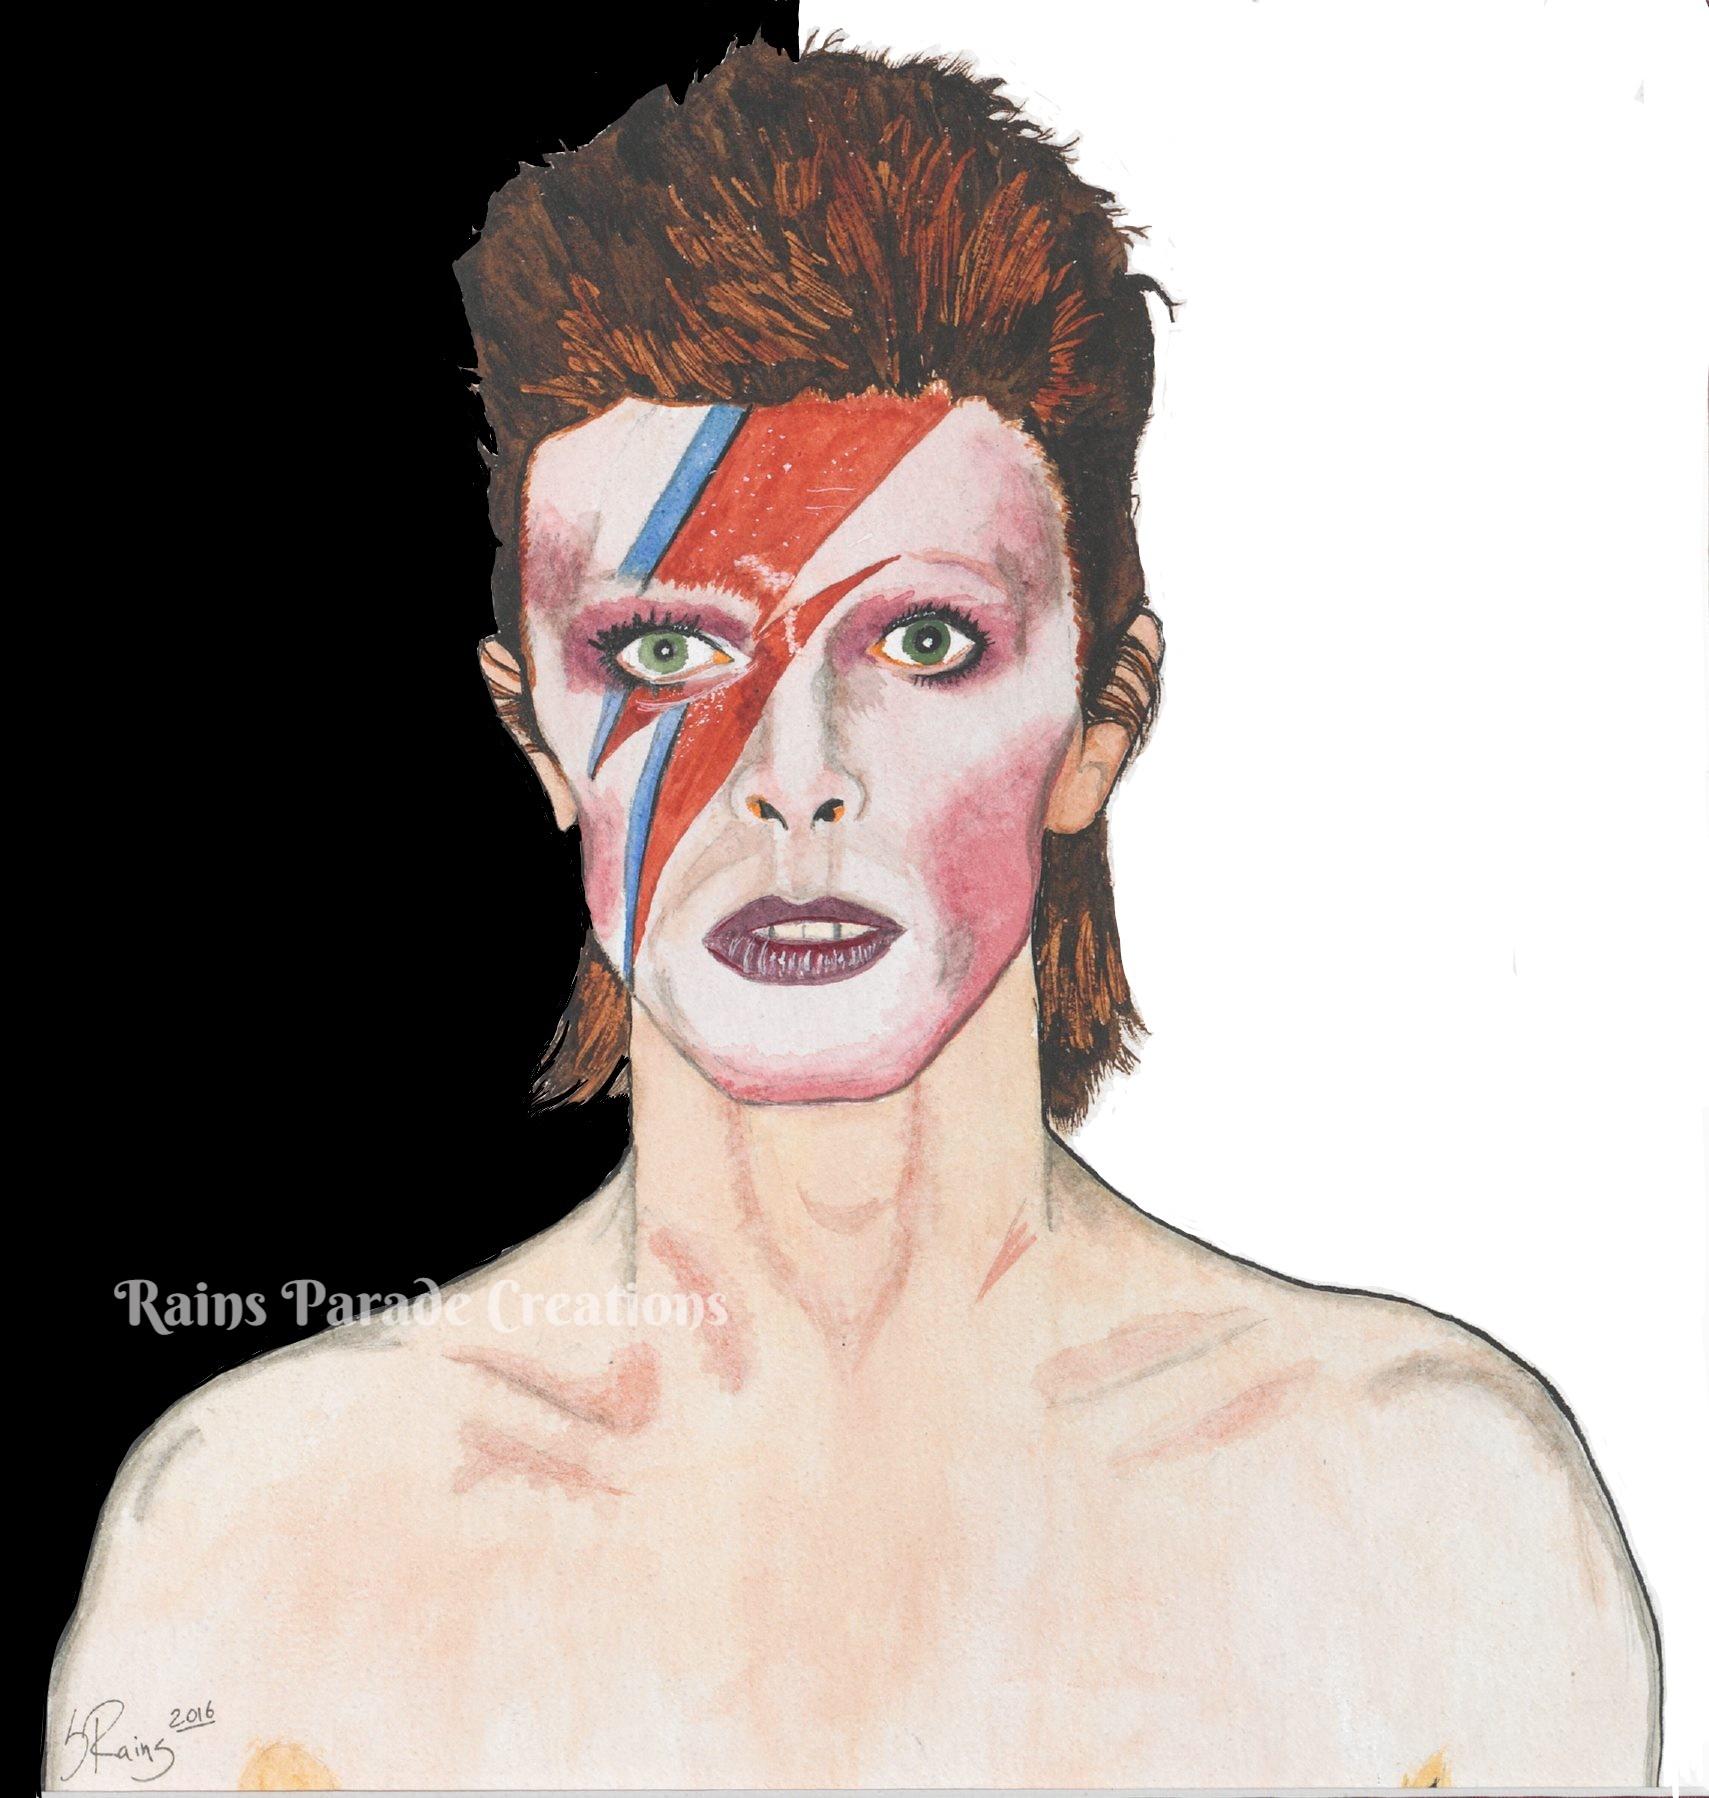 David Bowie - Black/white background